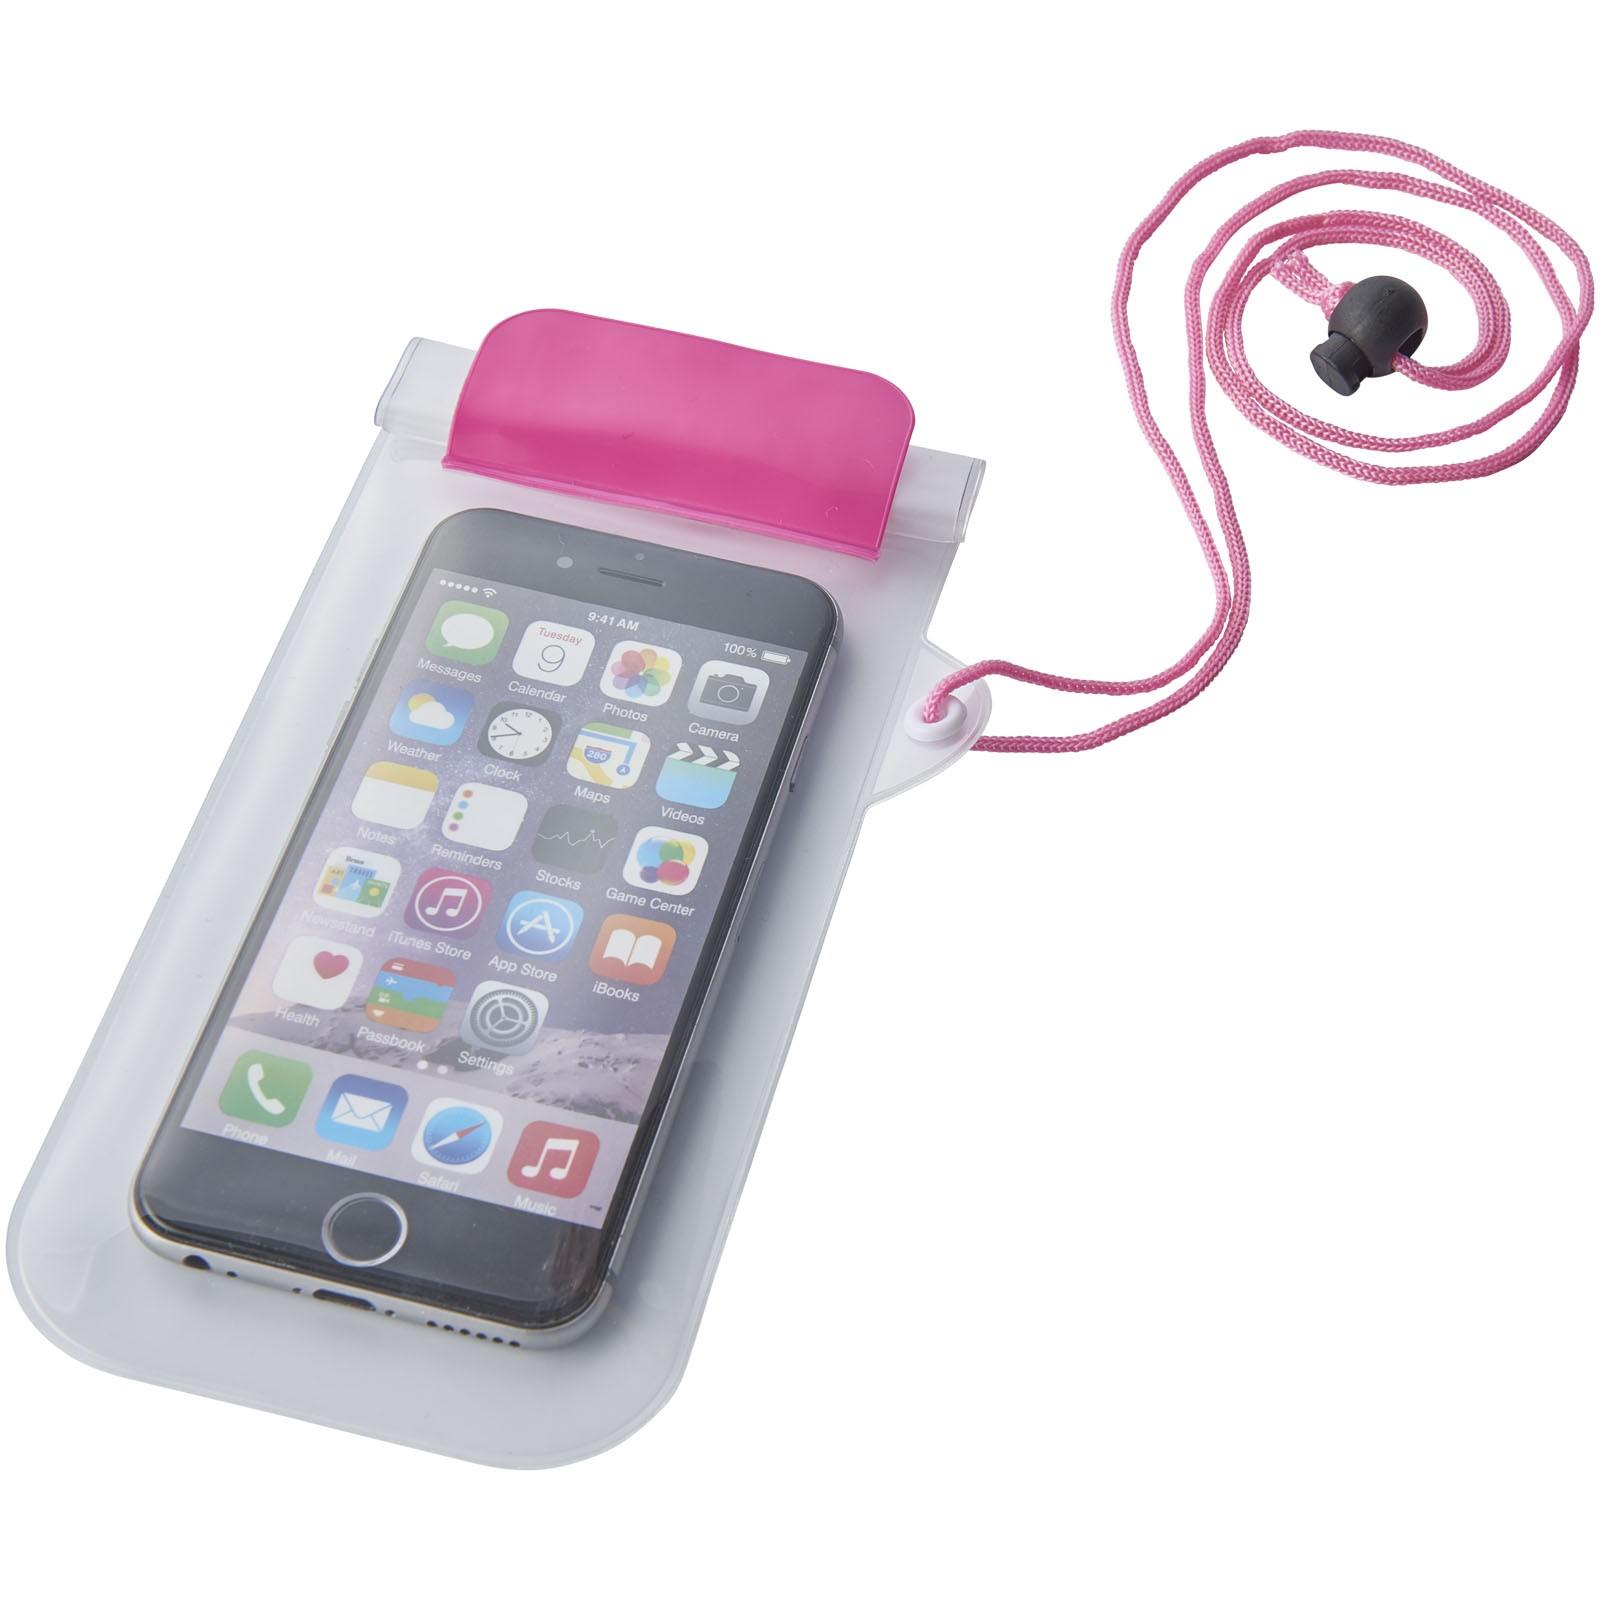 Wodoszczelny futerał na smartfona Mambo - Magenta